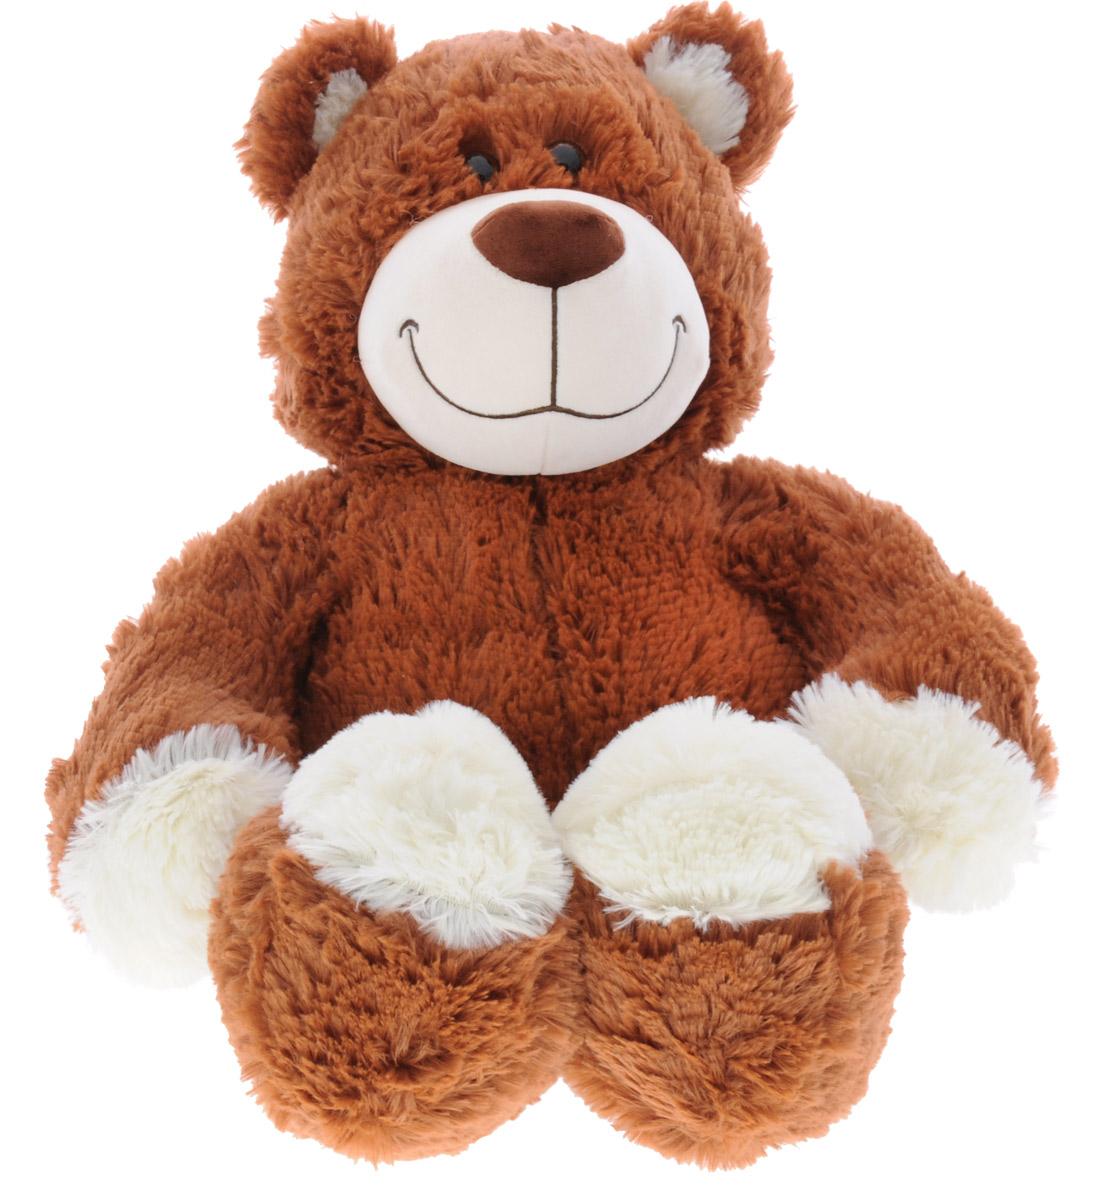 СмолТойс Мягкая игрушка Медвежонок 65 см1549/КЧМягкая игрушка СмолТойс Медвежонок станет лучшим другом для любого ребенка. Игрушка изготовлена из безопасных, приятных на ощупь текстильных материалов в виде медвежонка. Оригинальный стиль и великолепное качество исполнения делают эту игрушку чудесным подарком к любому празднику. Медвежонок принесет радость и подарит своему обладателю мгновения нежных объятий и приятных воспоминаний.